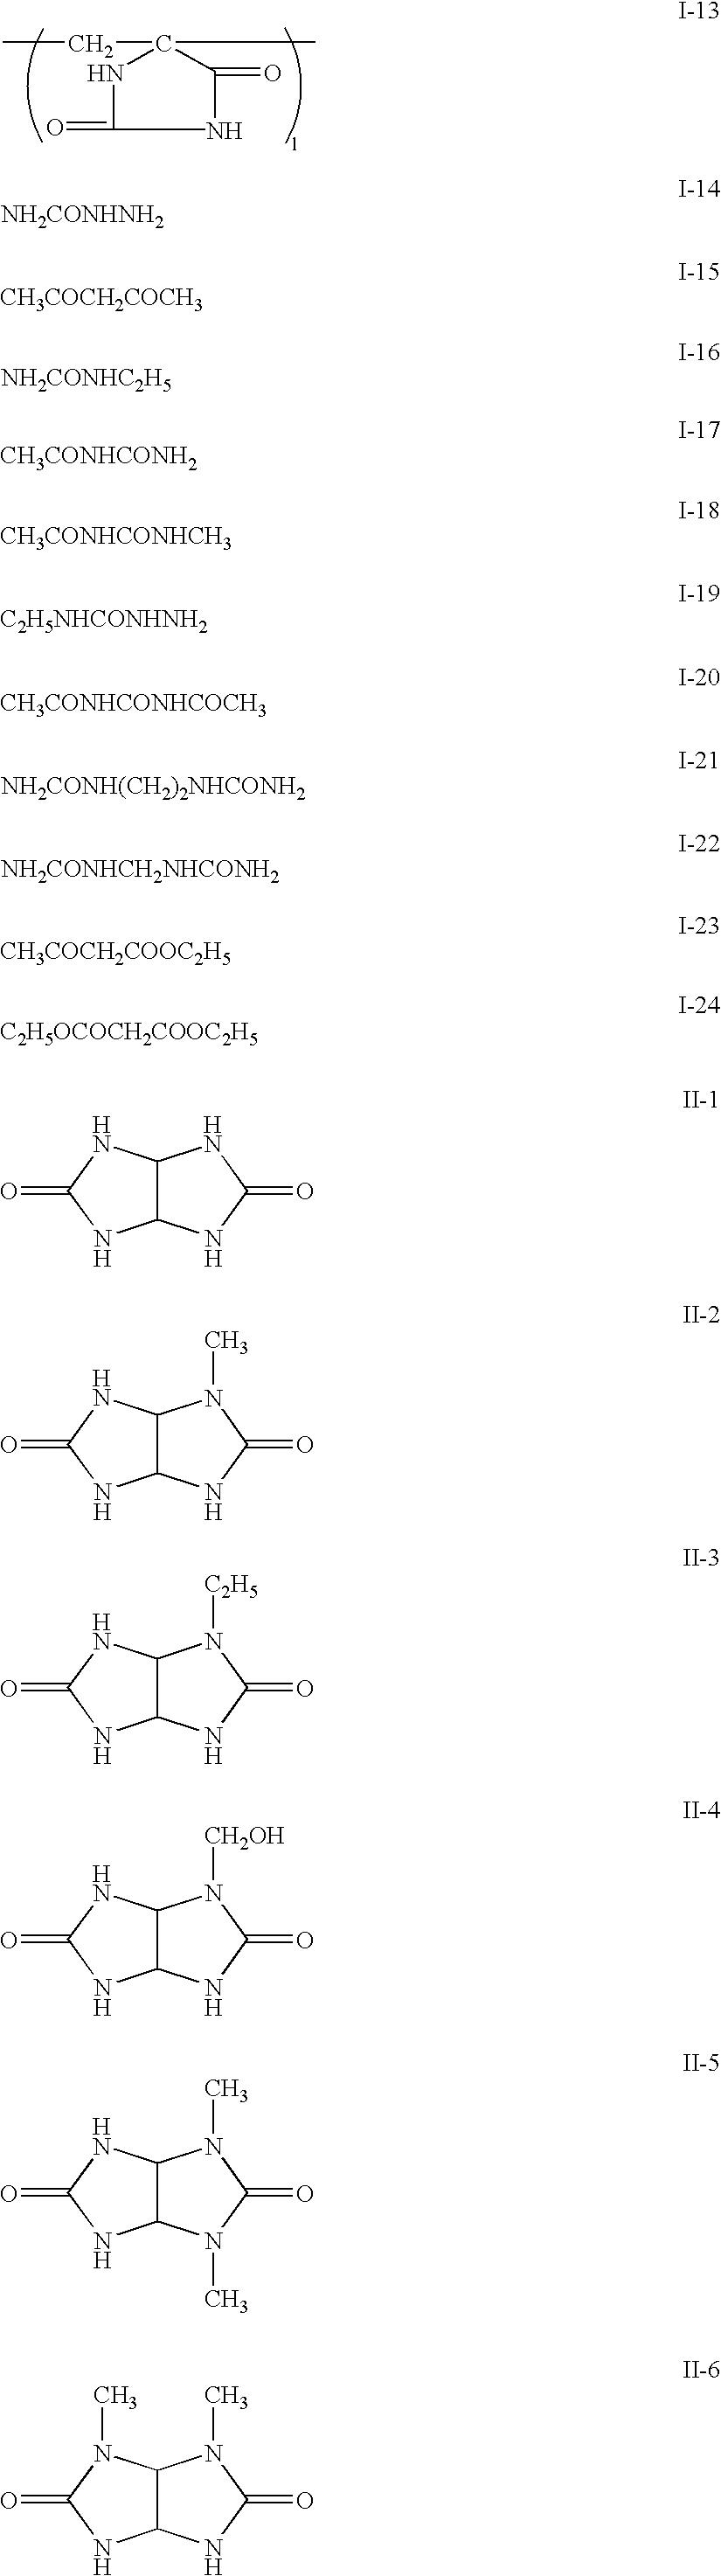 Figure US06495225-20021217-C00006